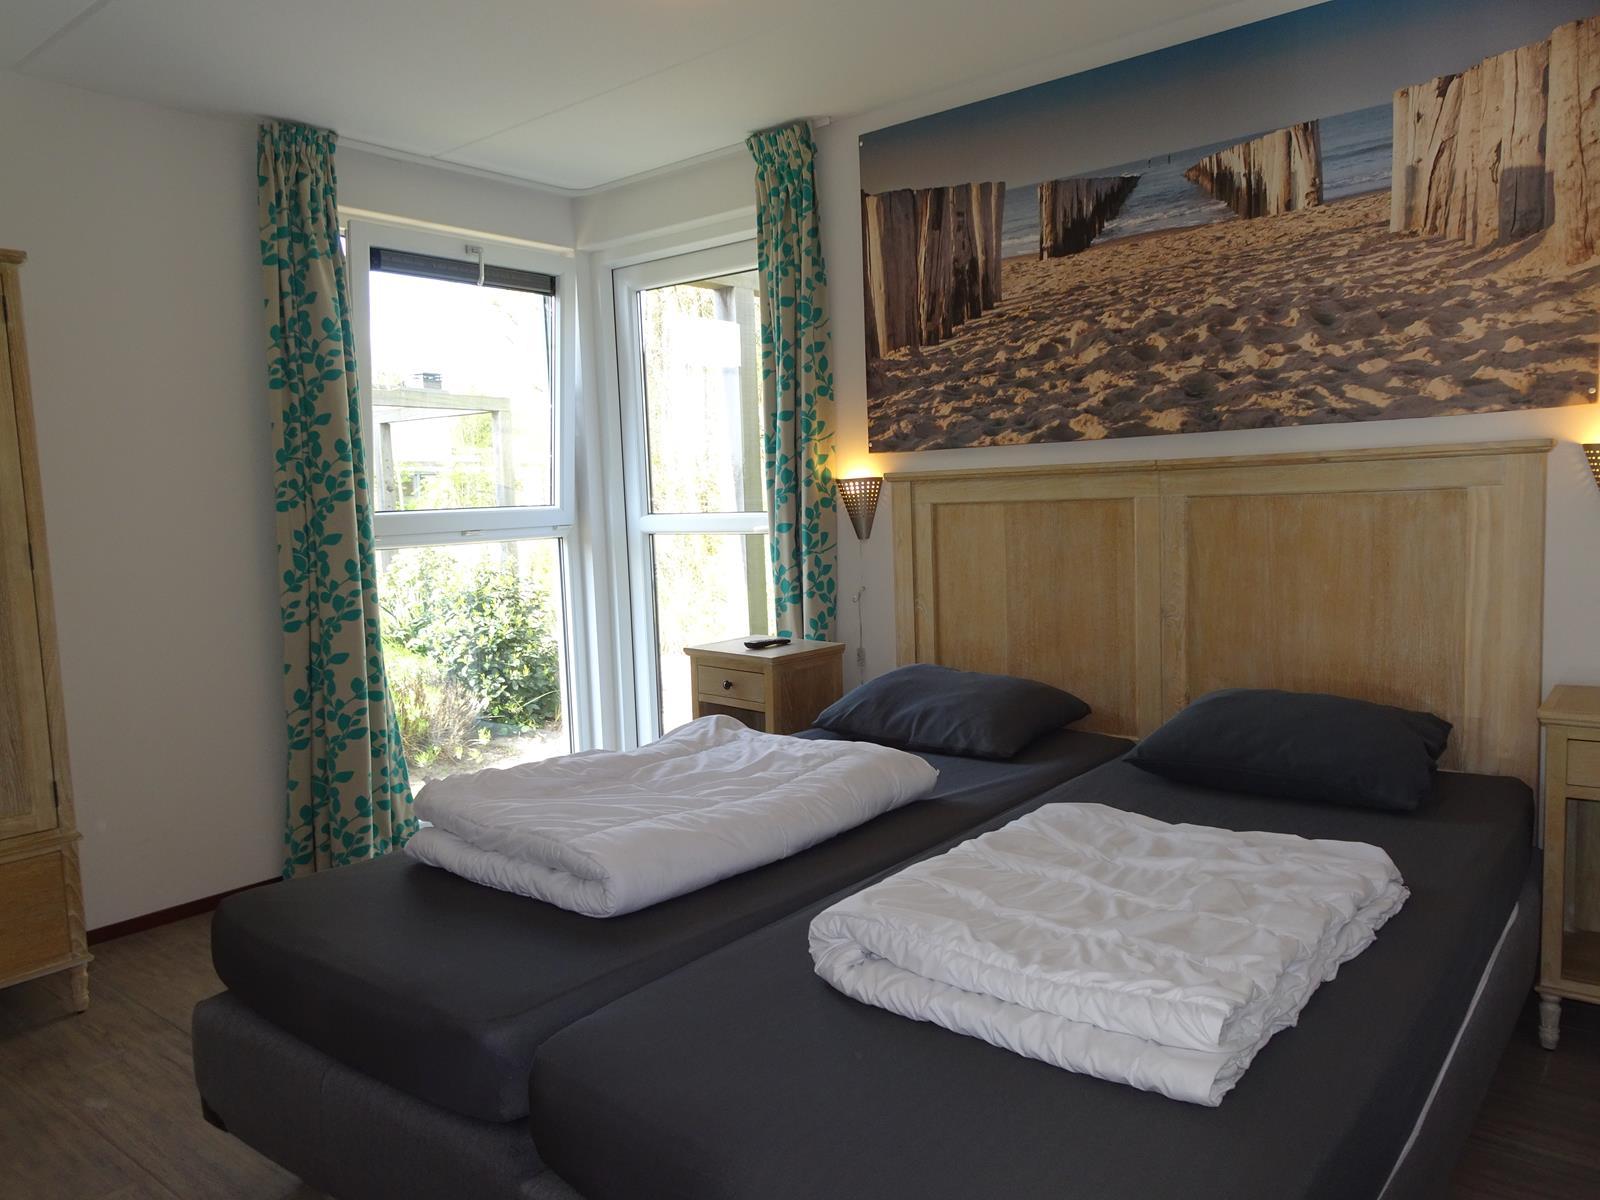 Vakantiehuis te koop Ouddorp Zuid-Holland WD25 027.jpg